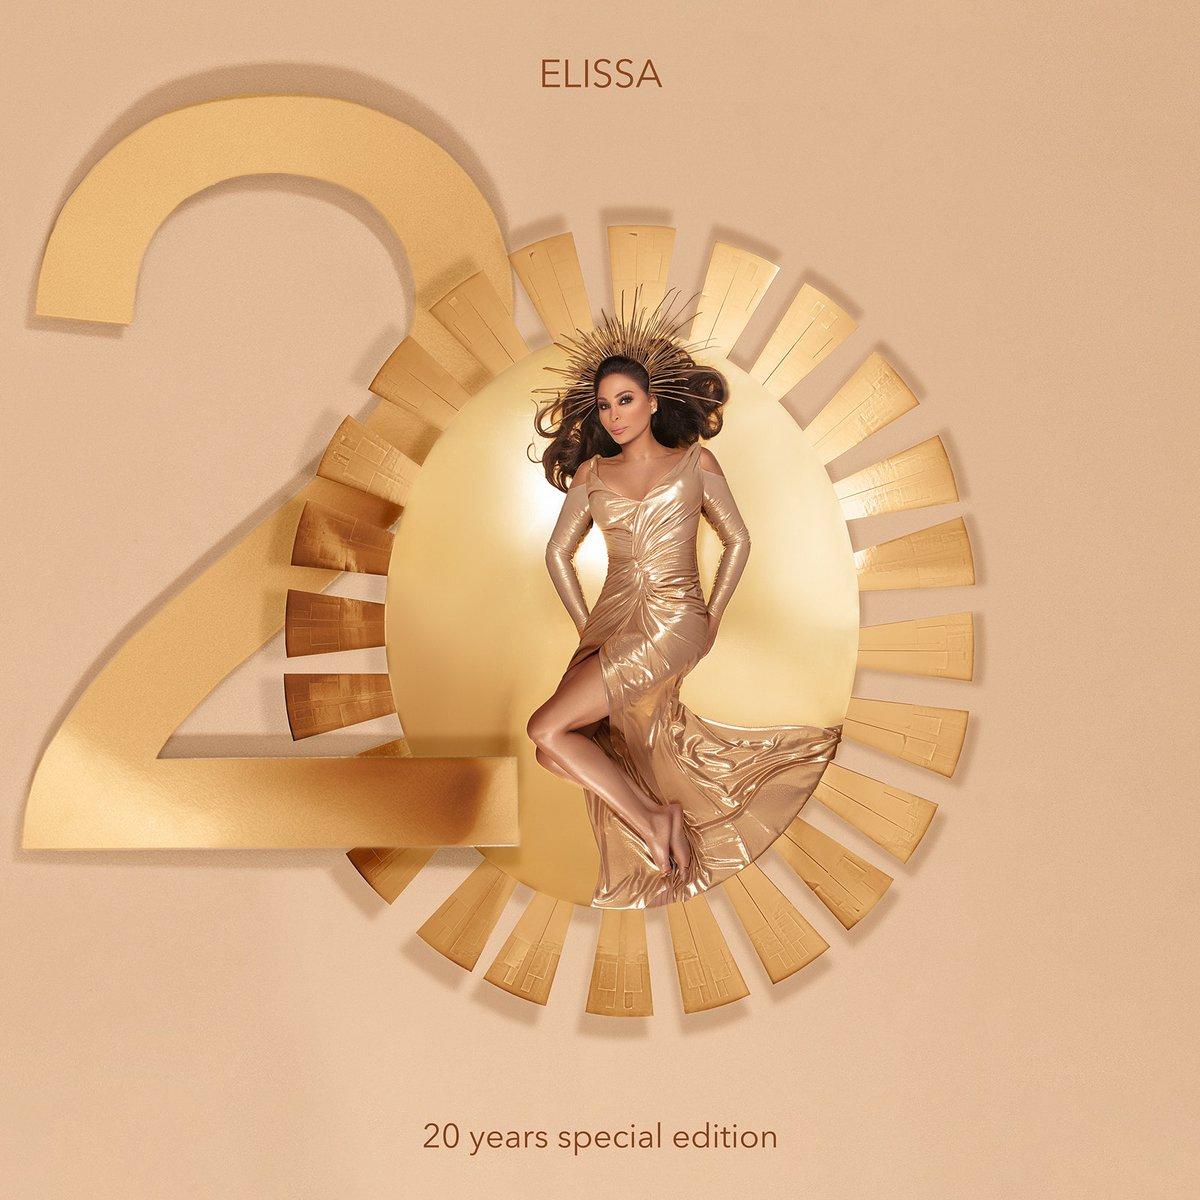 #Elissa20Years ❤🌹